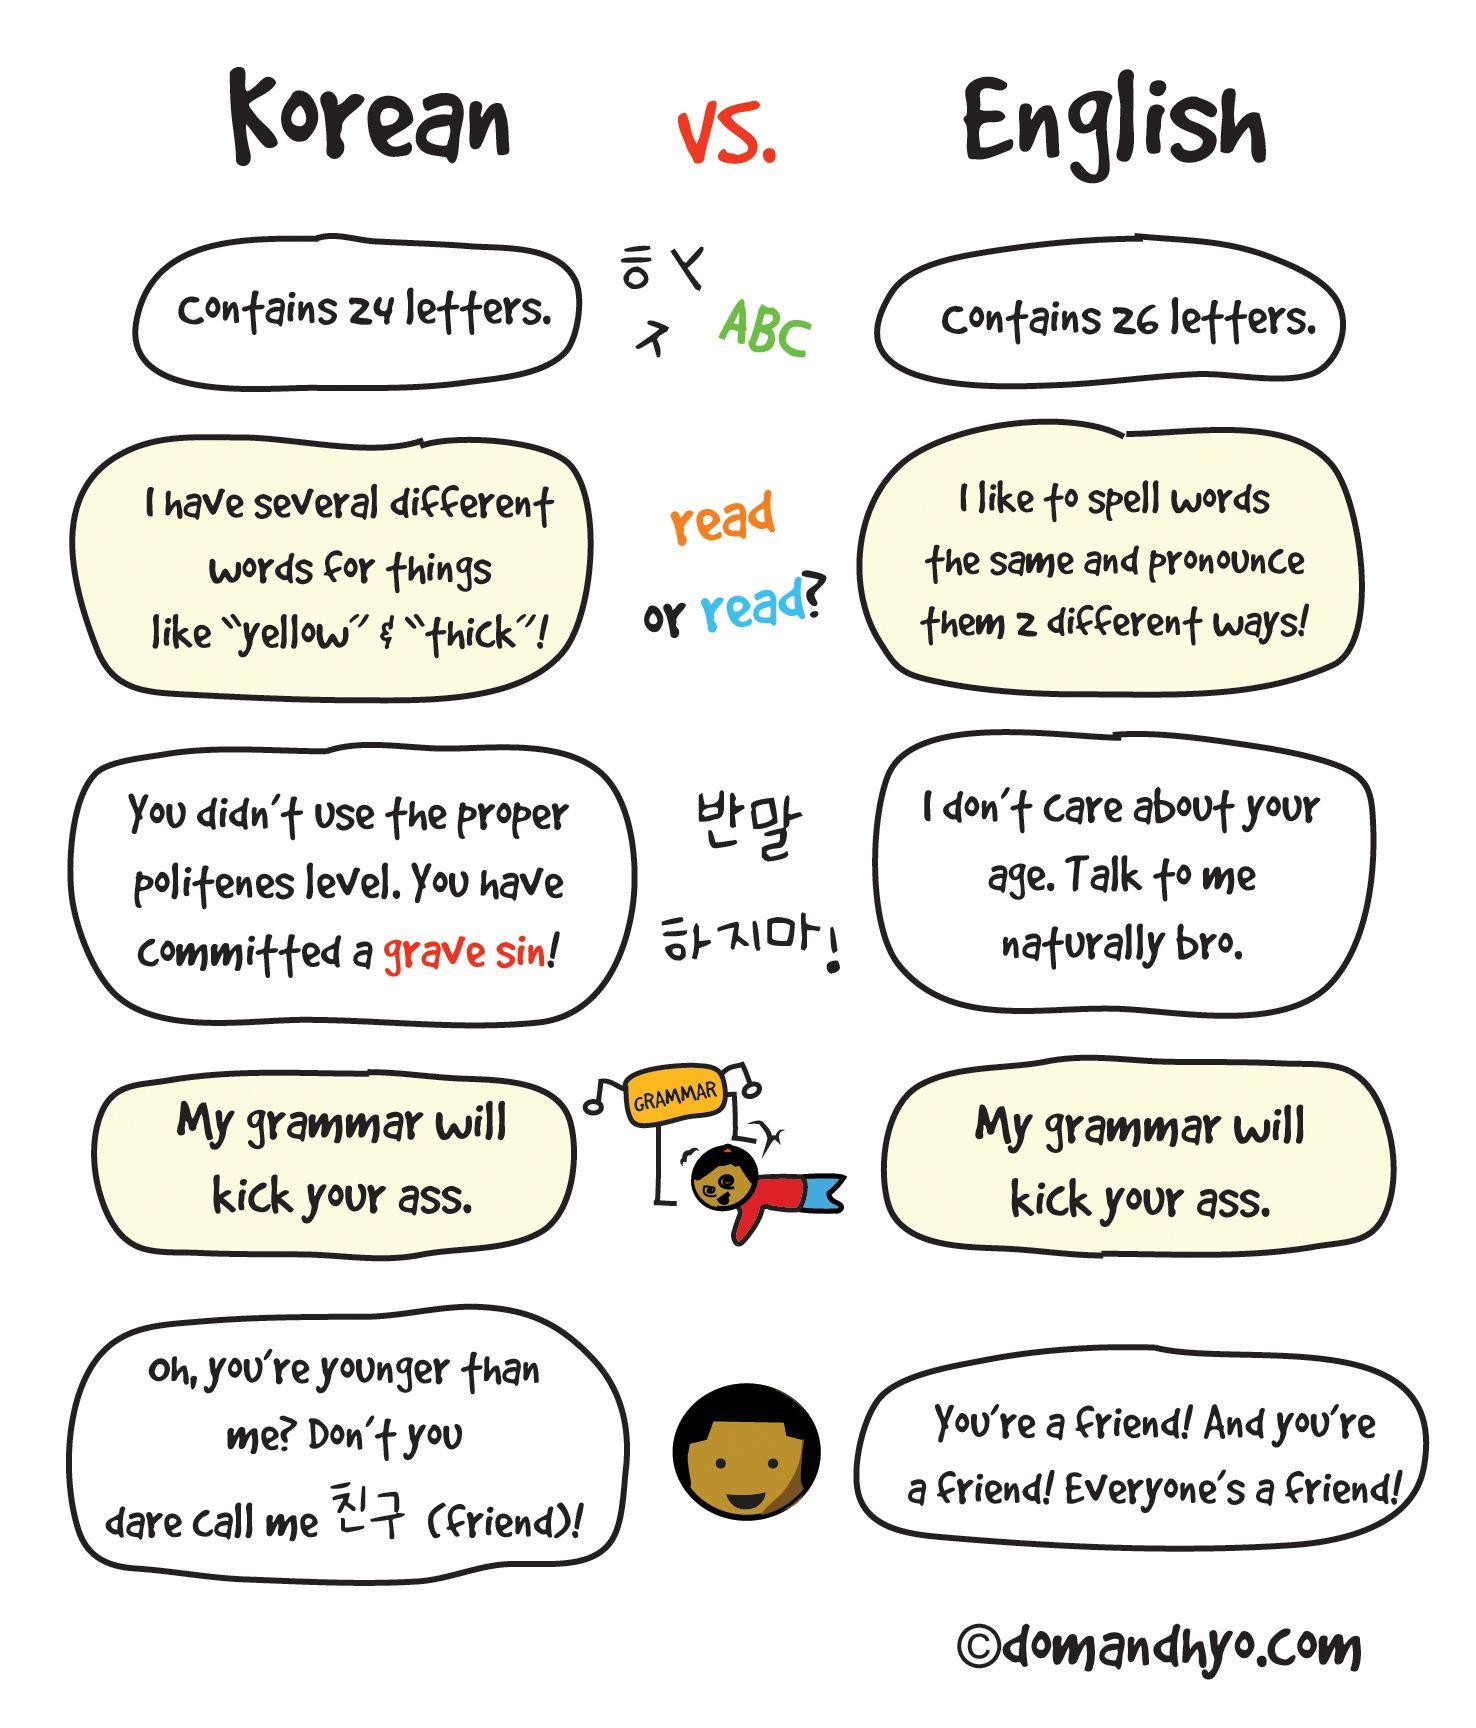 Korean Vs English